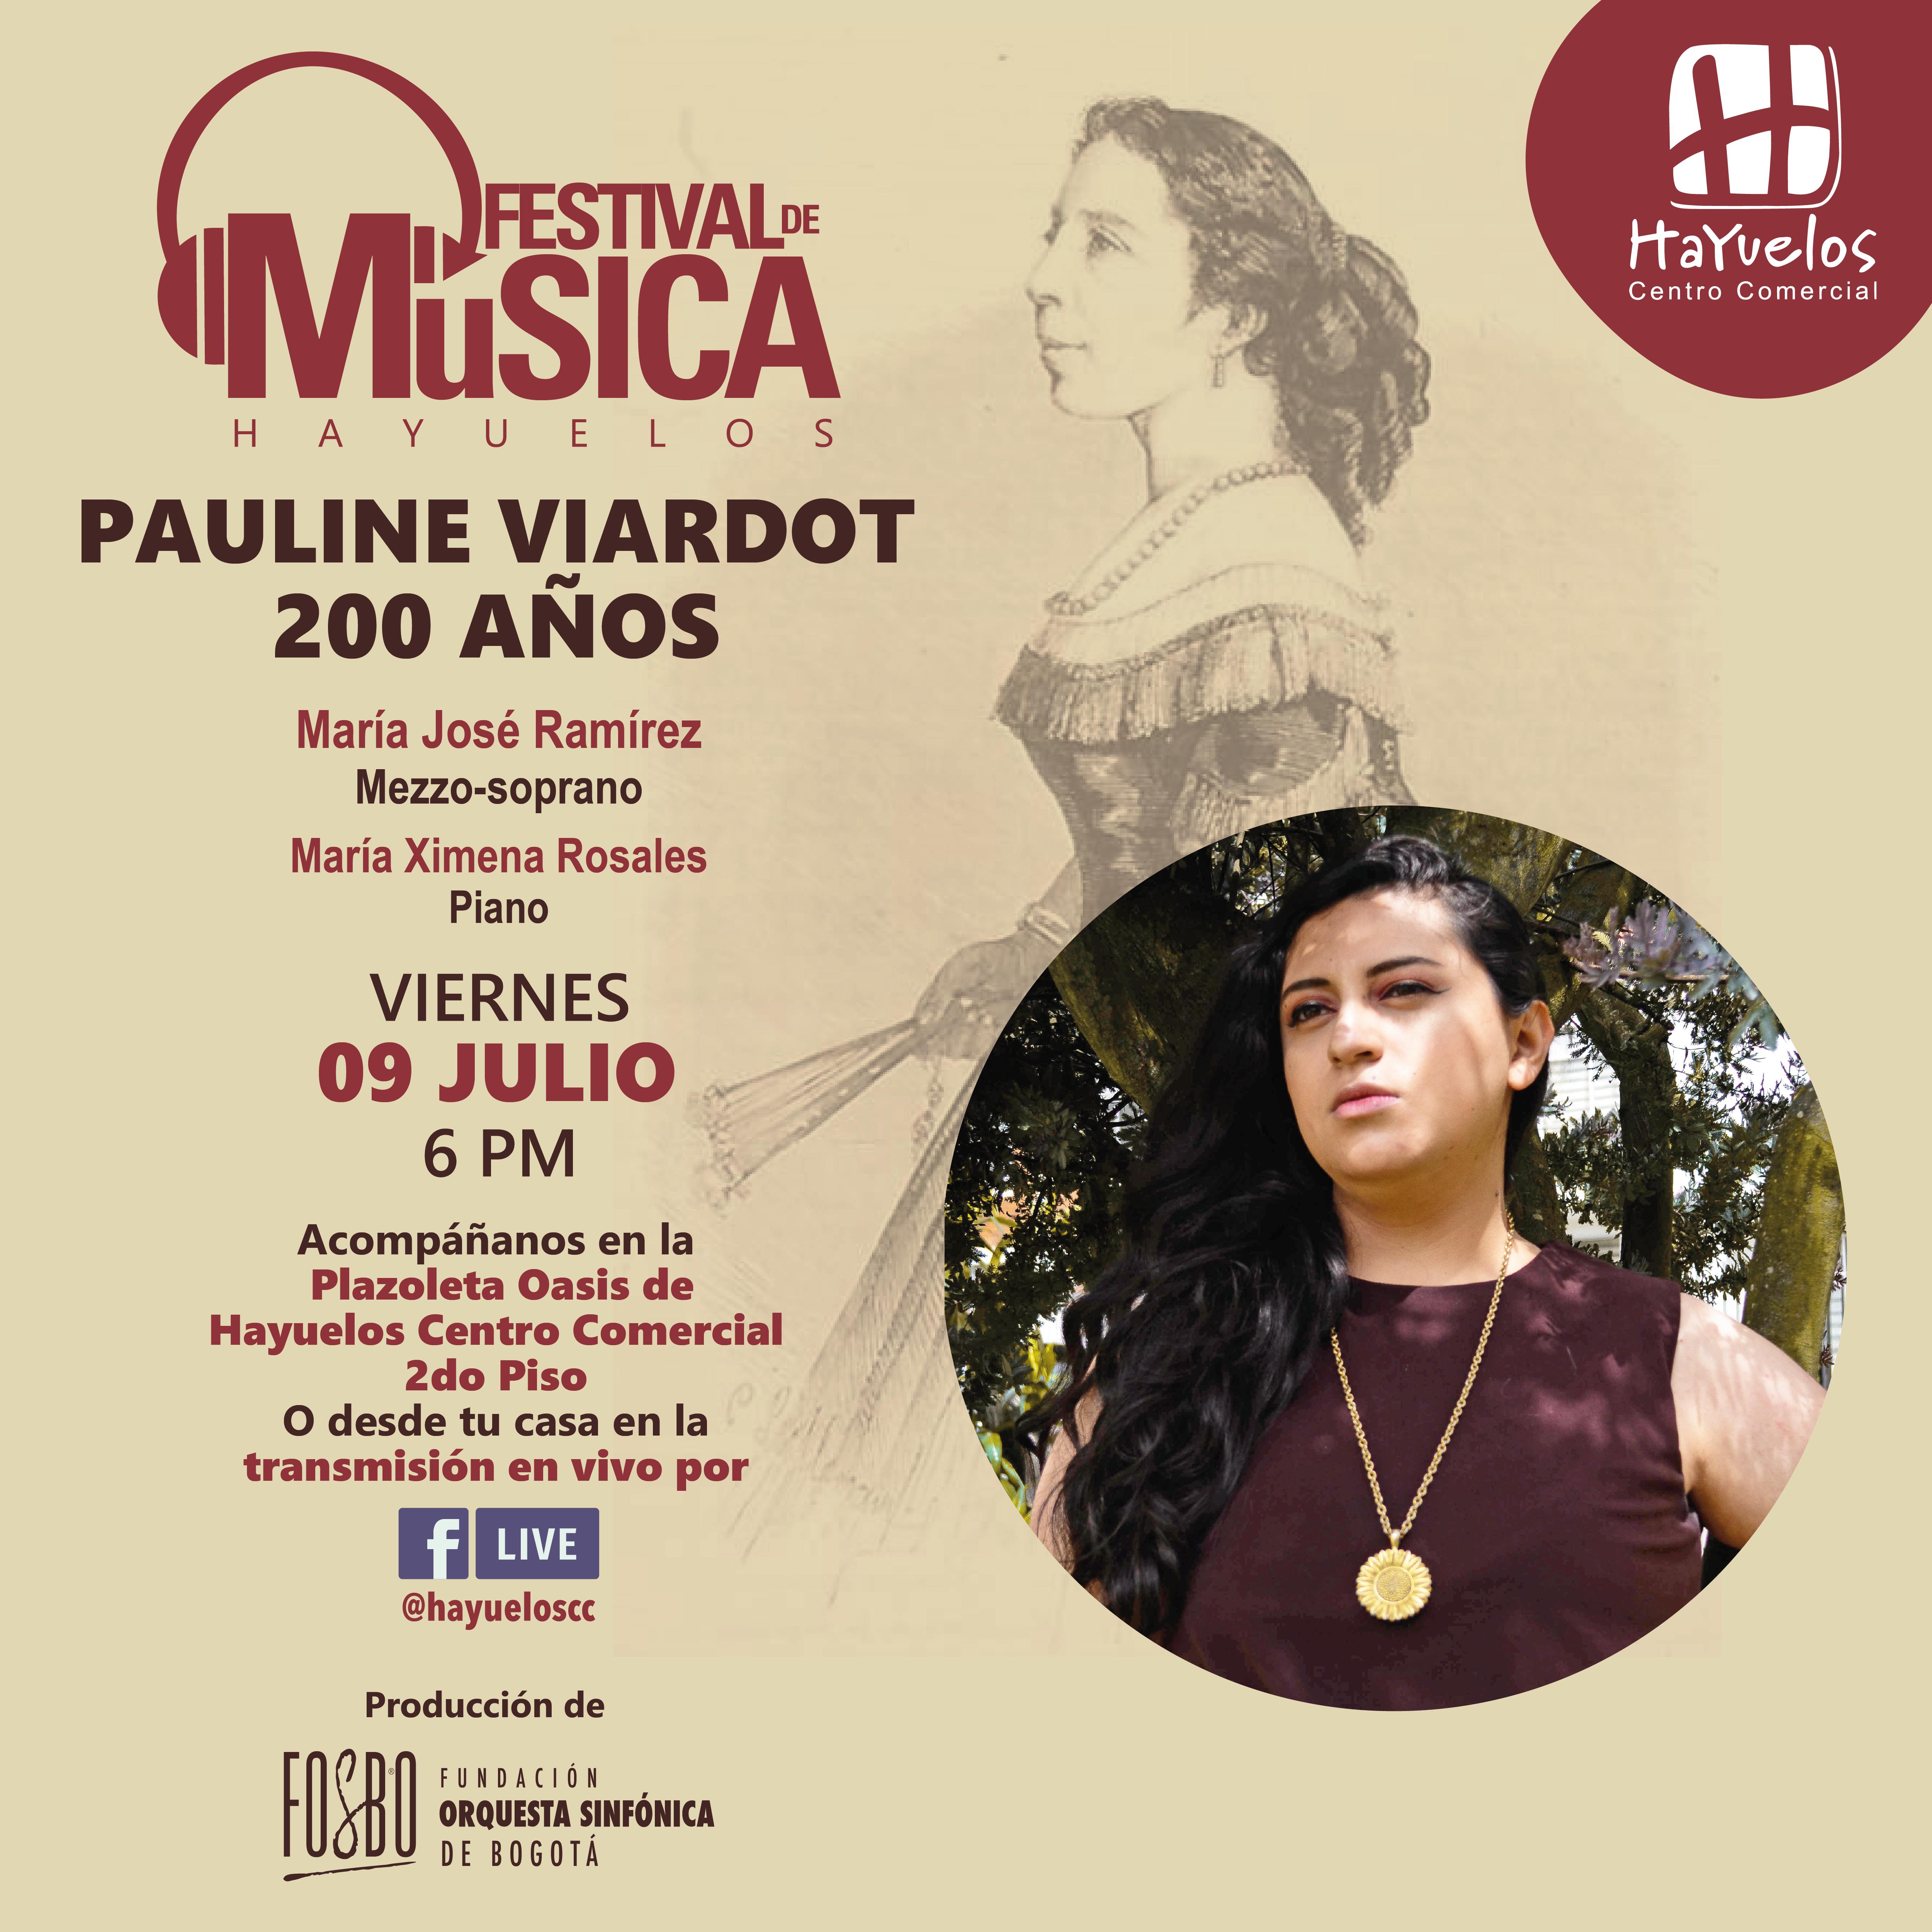 Pauline Viardot Festival de Música Hayuelos Fosbo